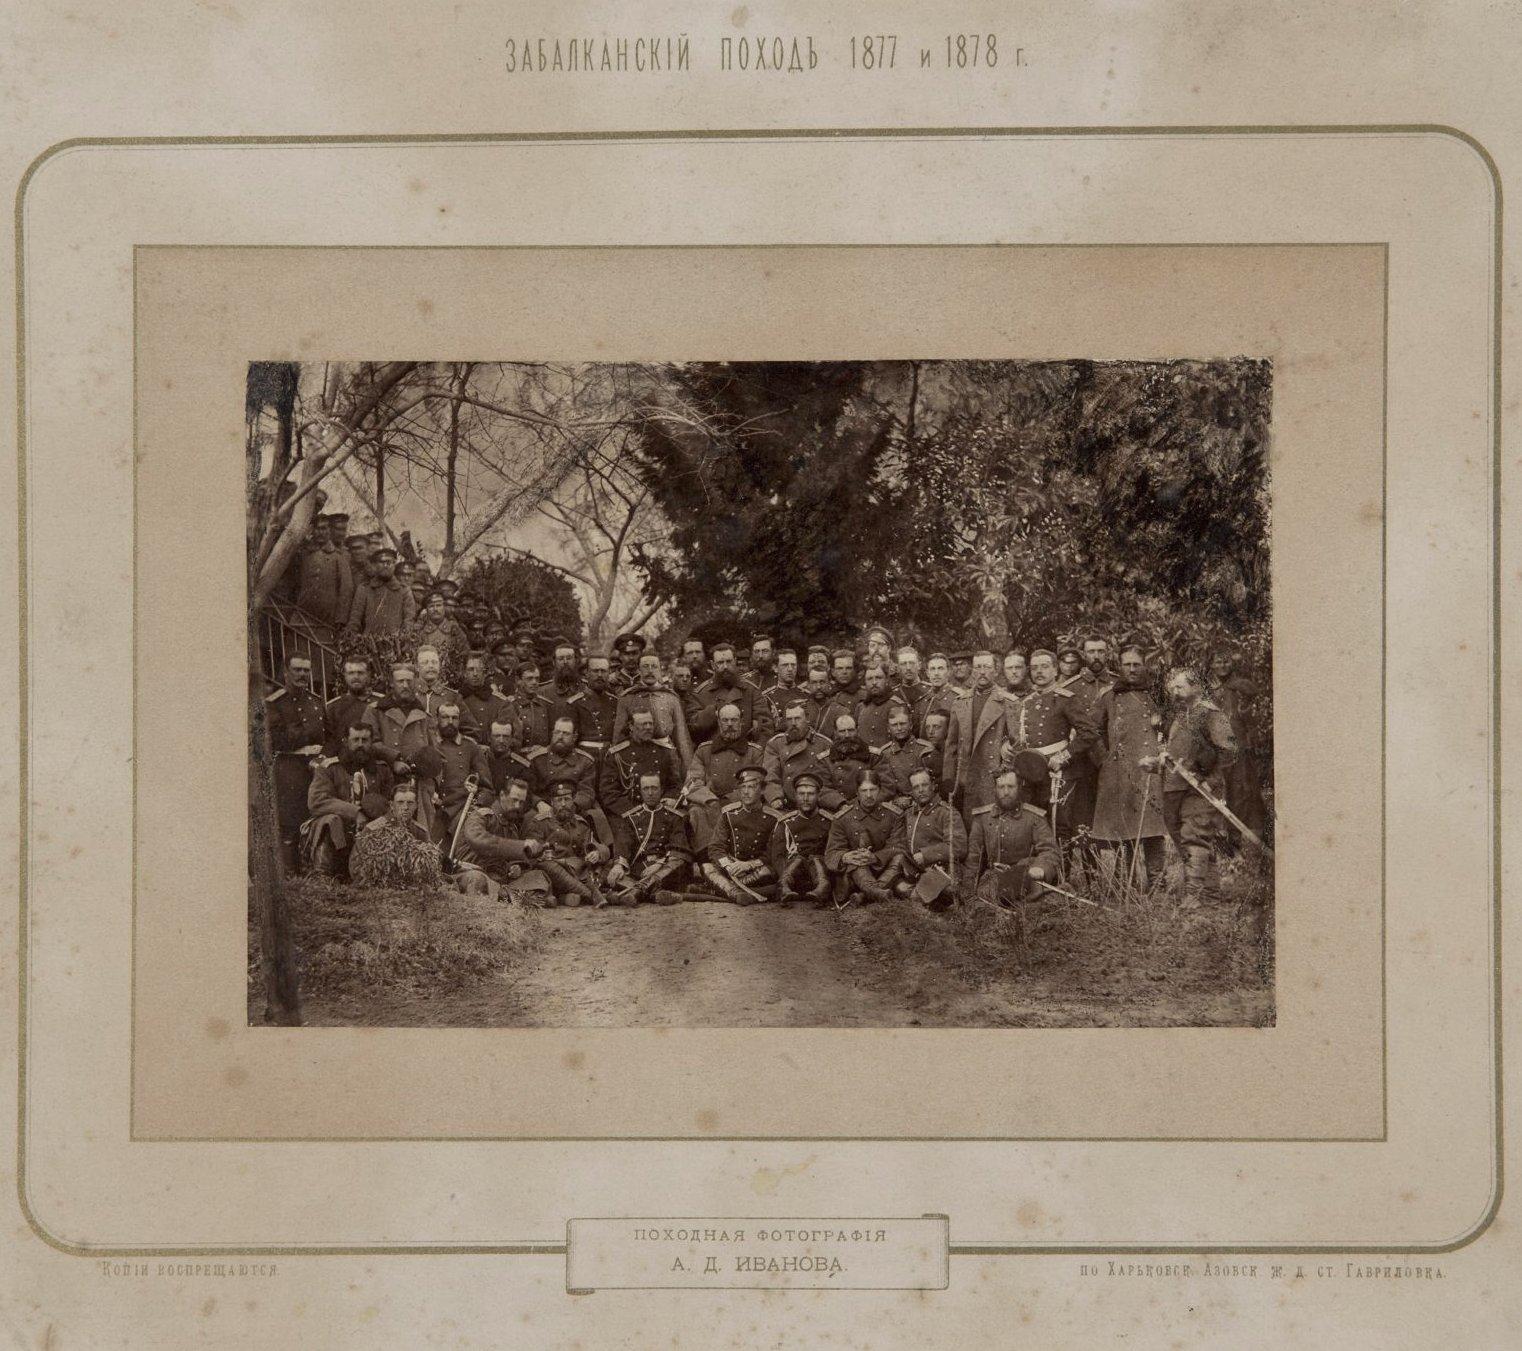 Групповой снимок. Забалканский поход 1877 и 1878 г.